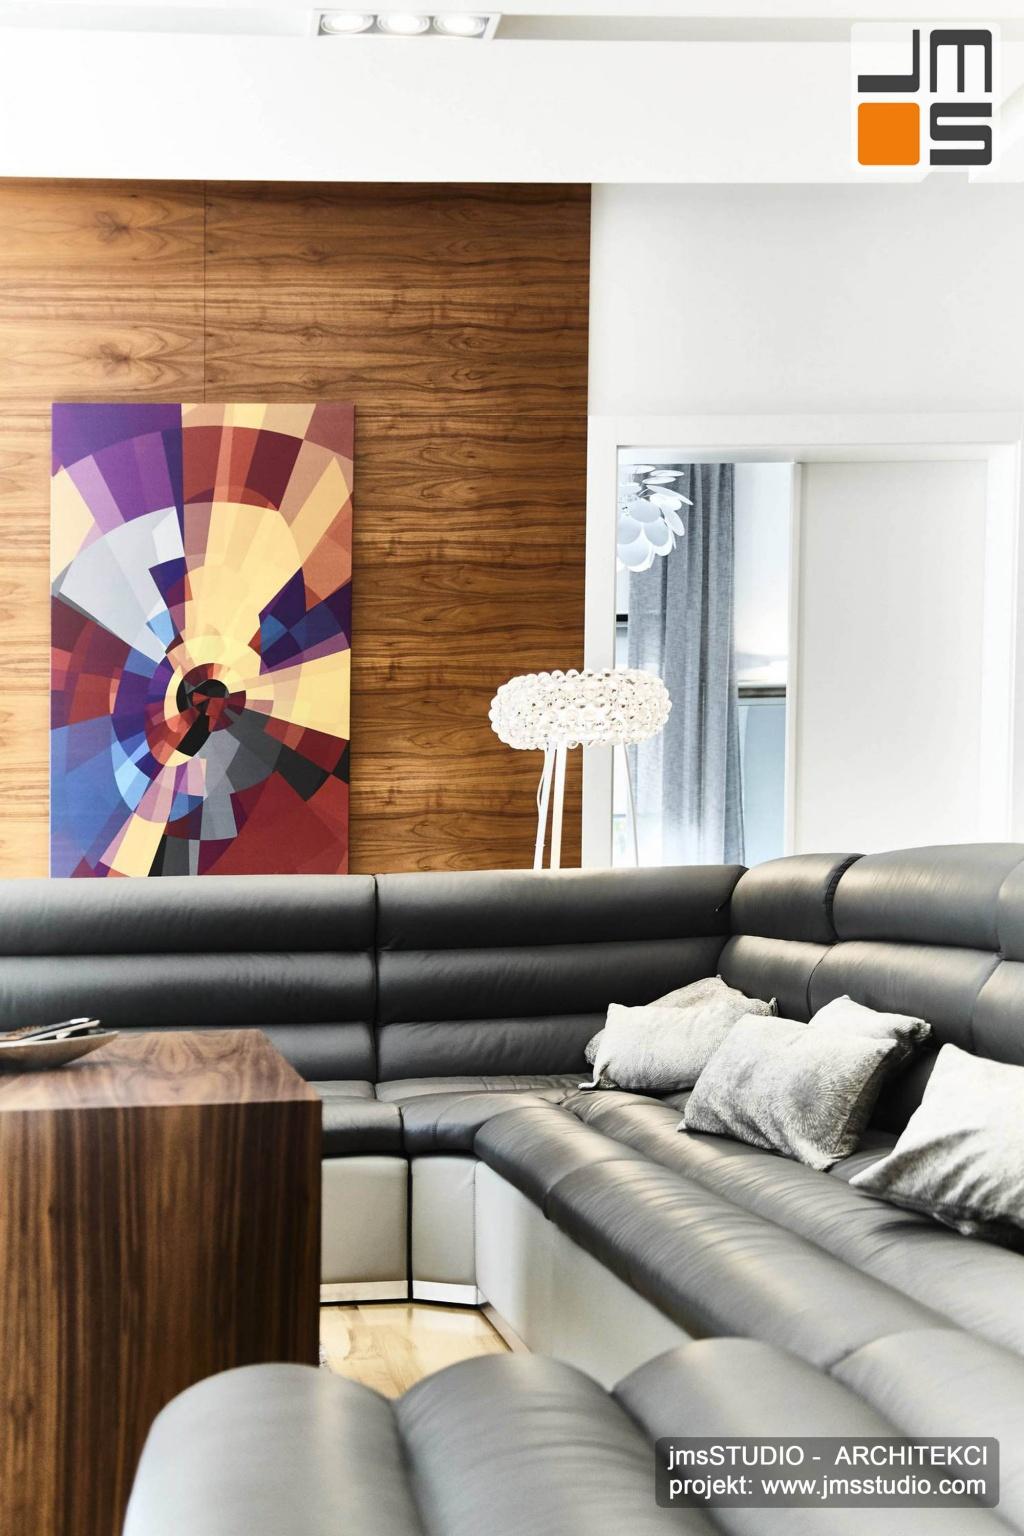 2018 06 w projekcie wnętrz dużego domu pod Poznaniem motywem głównym jest zastosowanie drewna i fornirów w kolorze orzech które nadają elegancji wnętrzom